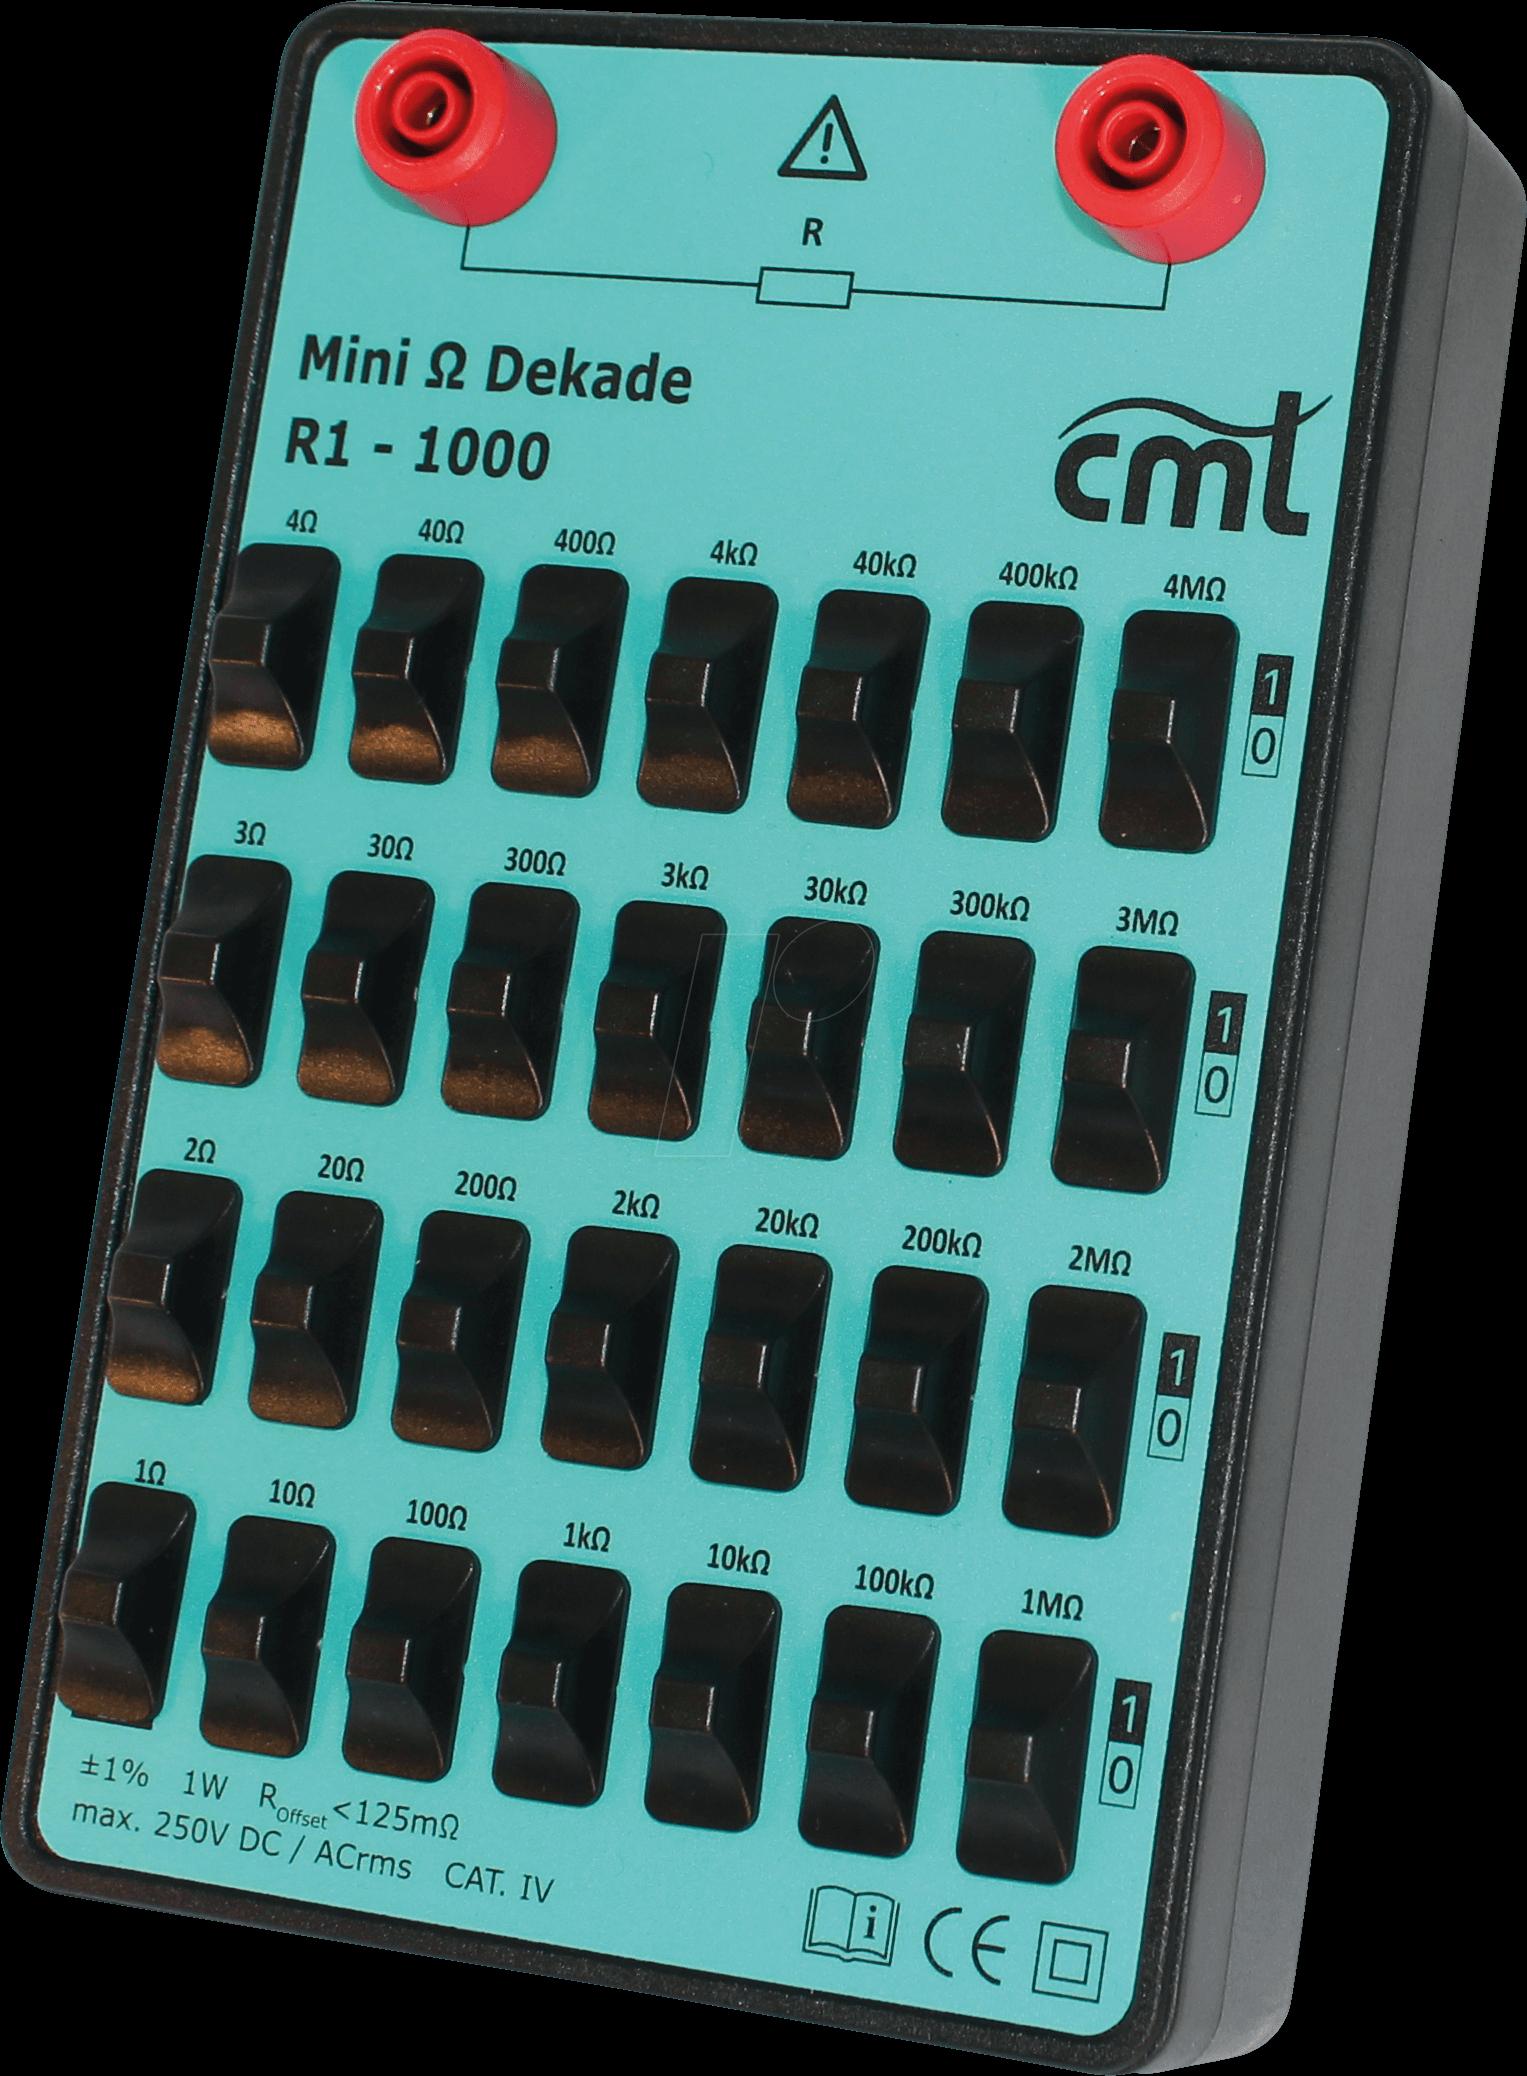 https://cdn-reichelt.de/bilder/web/xxl_ws/D100/CMT_R1-1000_02.png